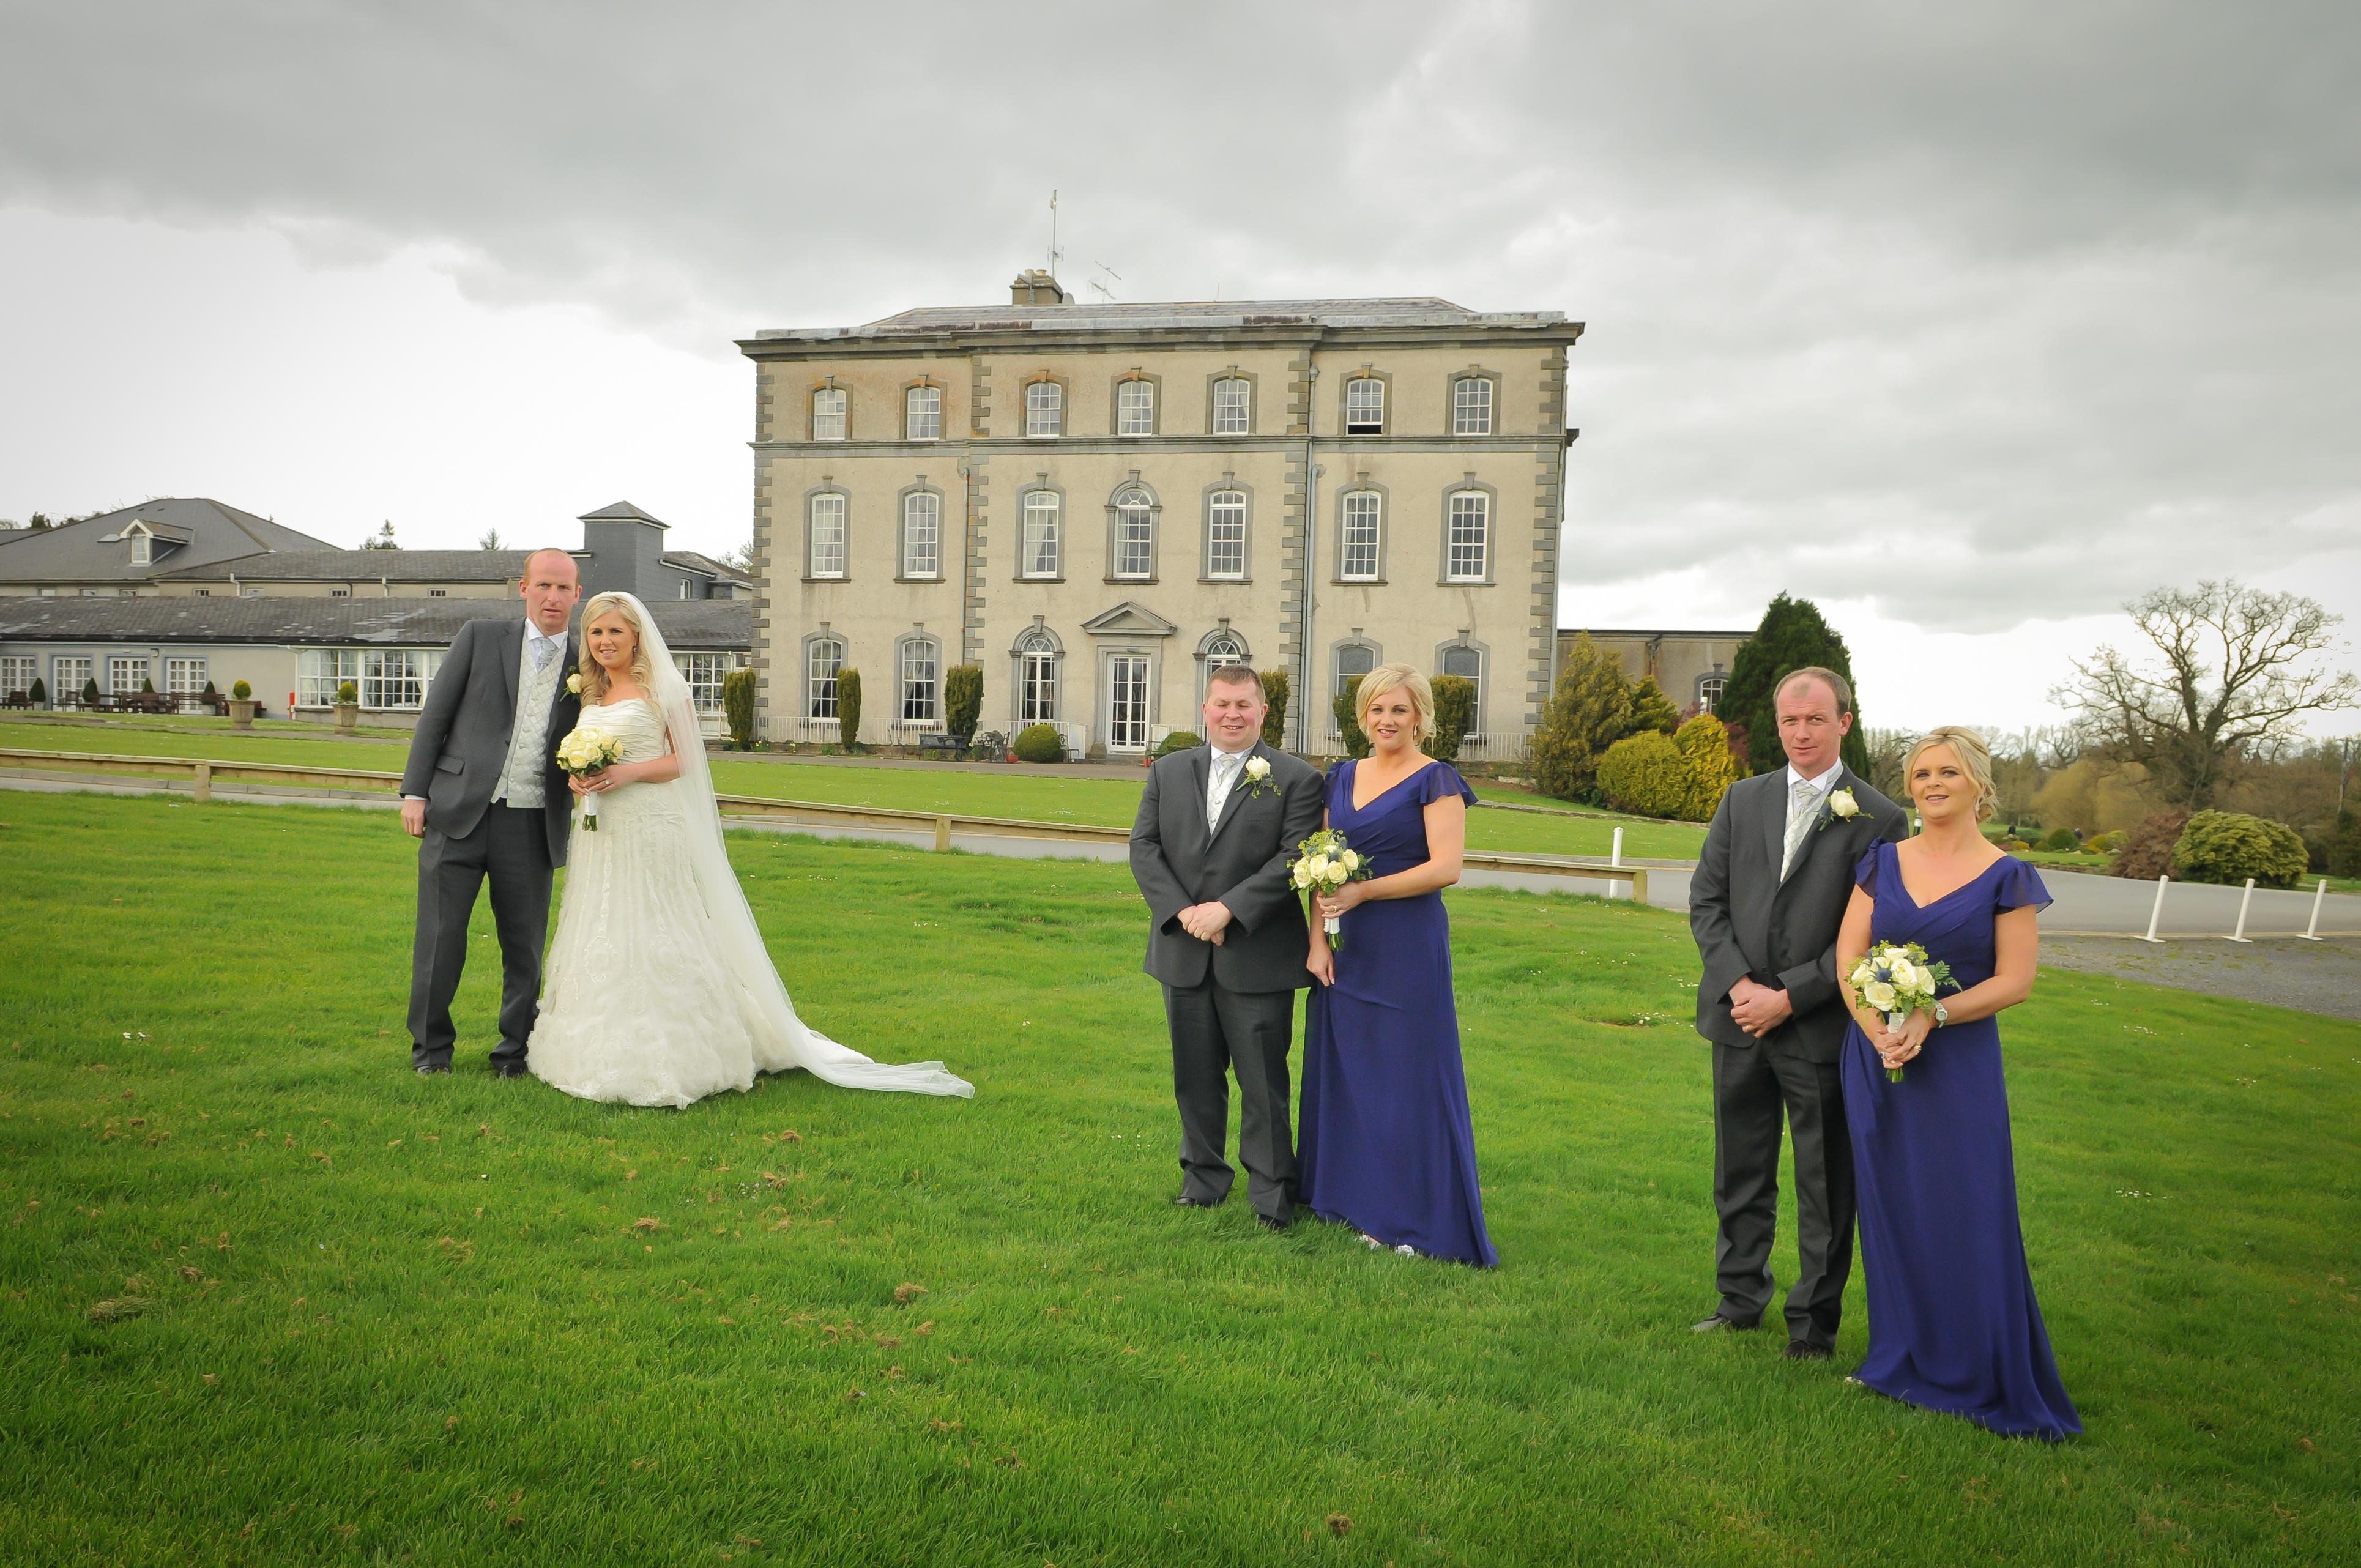 wedding 1 (7).jpg